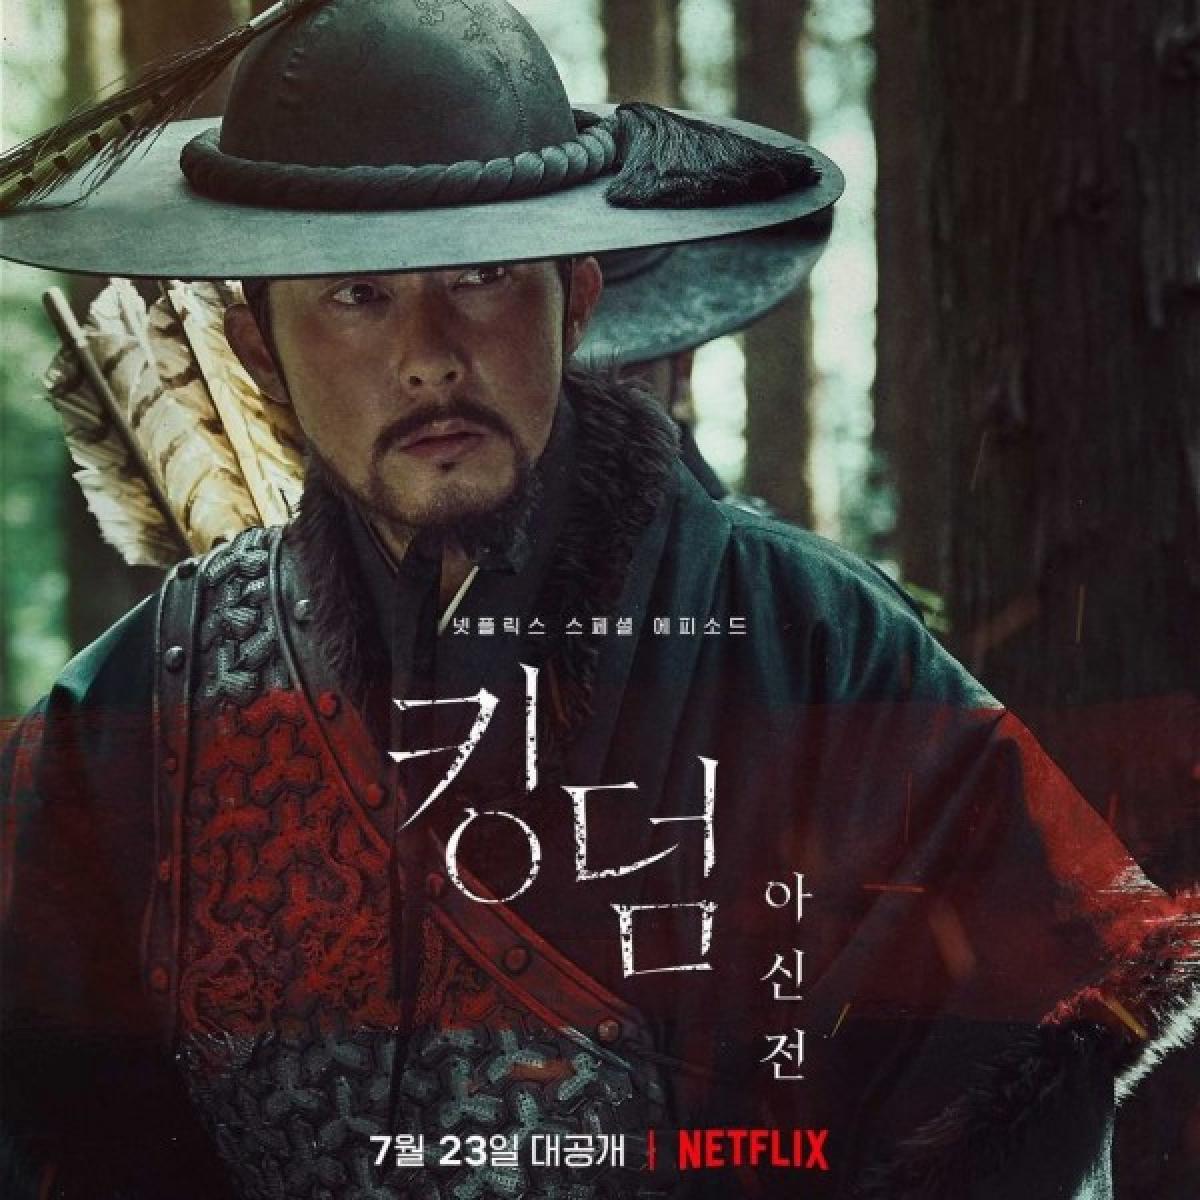 Khán giả hội ngộ nhân vật Min Chi Rok (Park Byung Eun) - người đã sát cánh cùng Thái tử Lee Chang chiến đấu với đội quân xác sống ở phần 2.